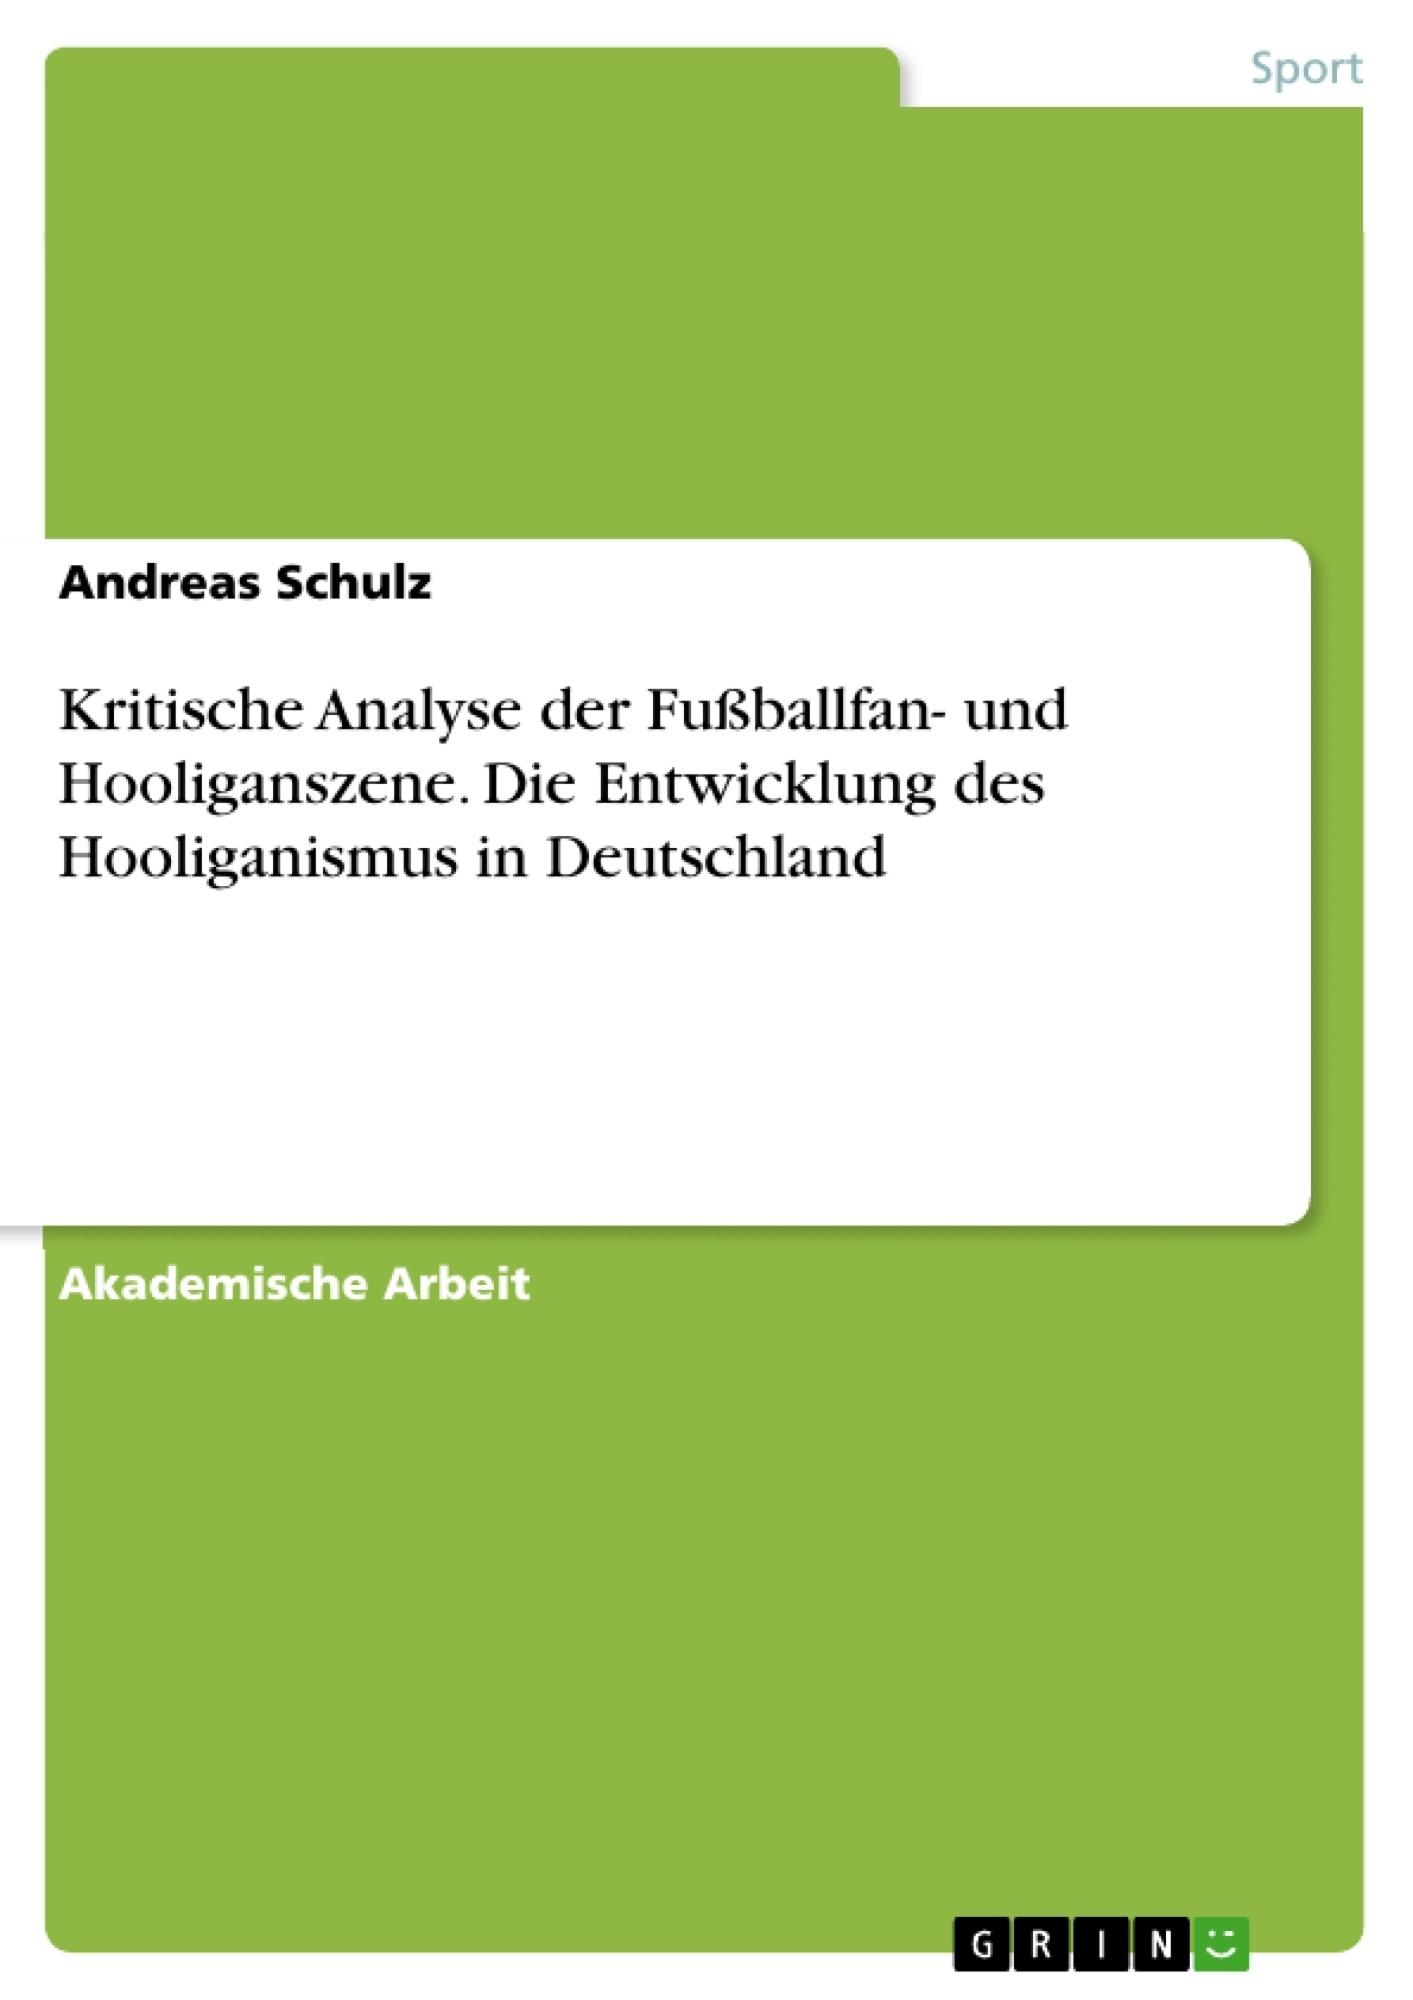 Titel: Kritische Analyse der Fußballfan- und Hooliganszene. Die Entwicklung des Hooliganismus in Deutschland